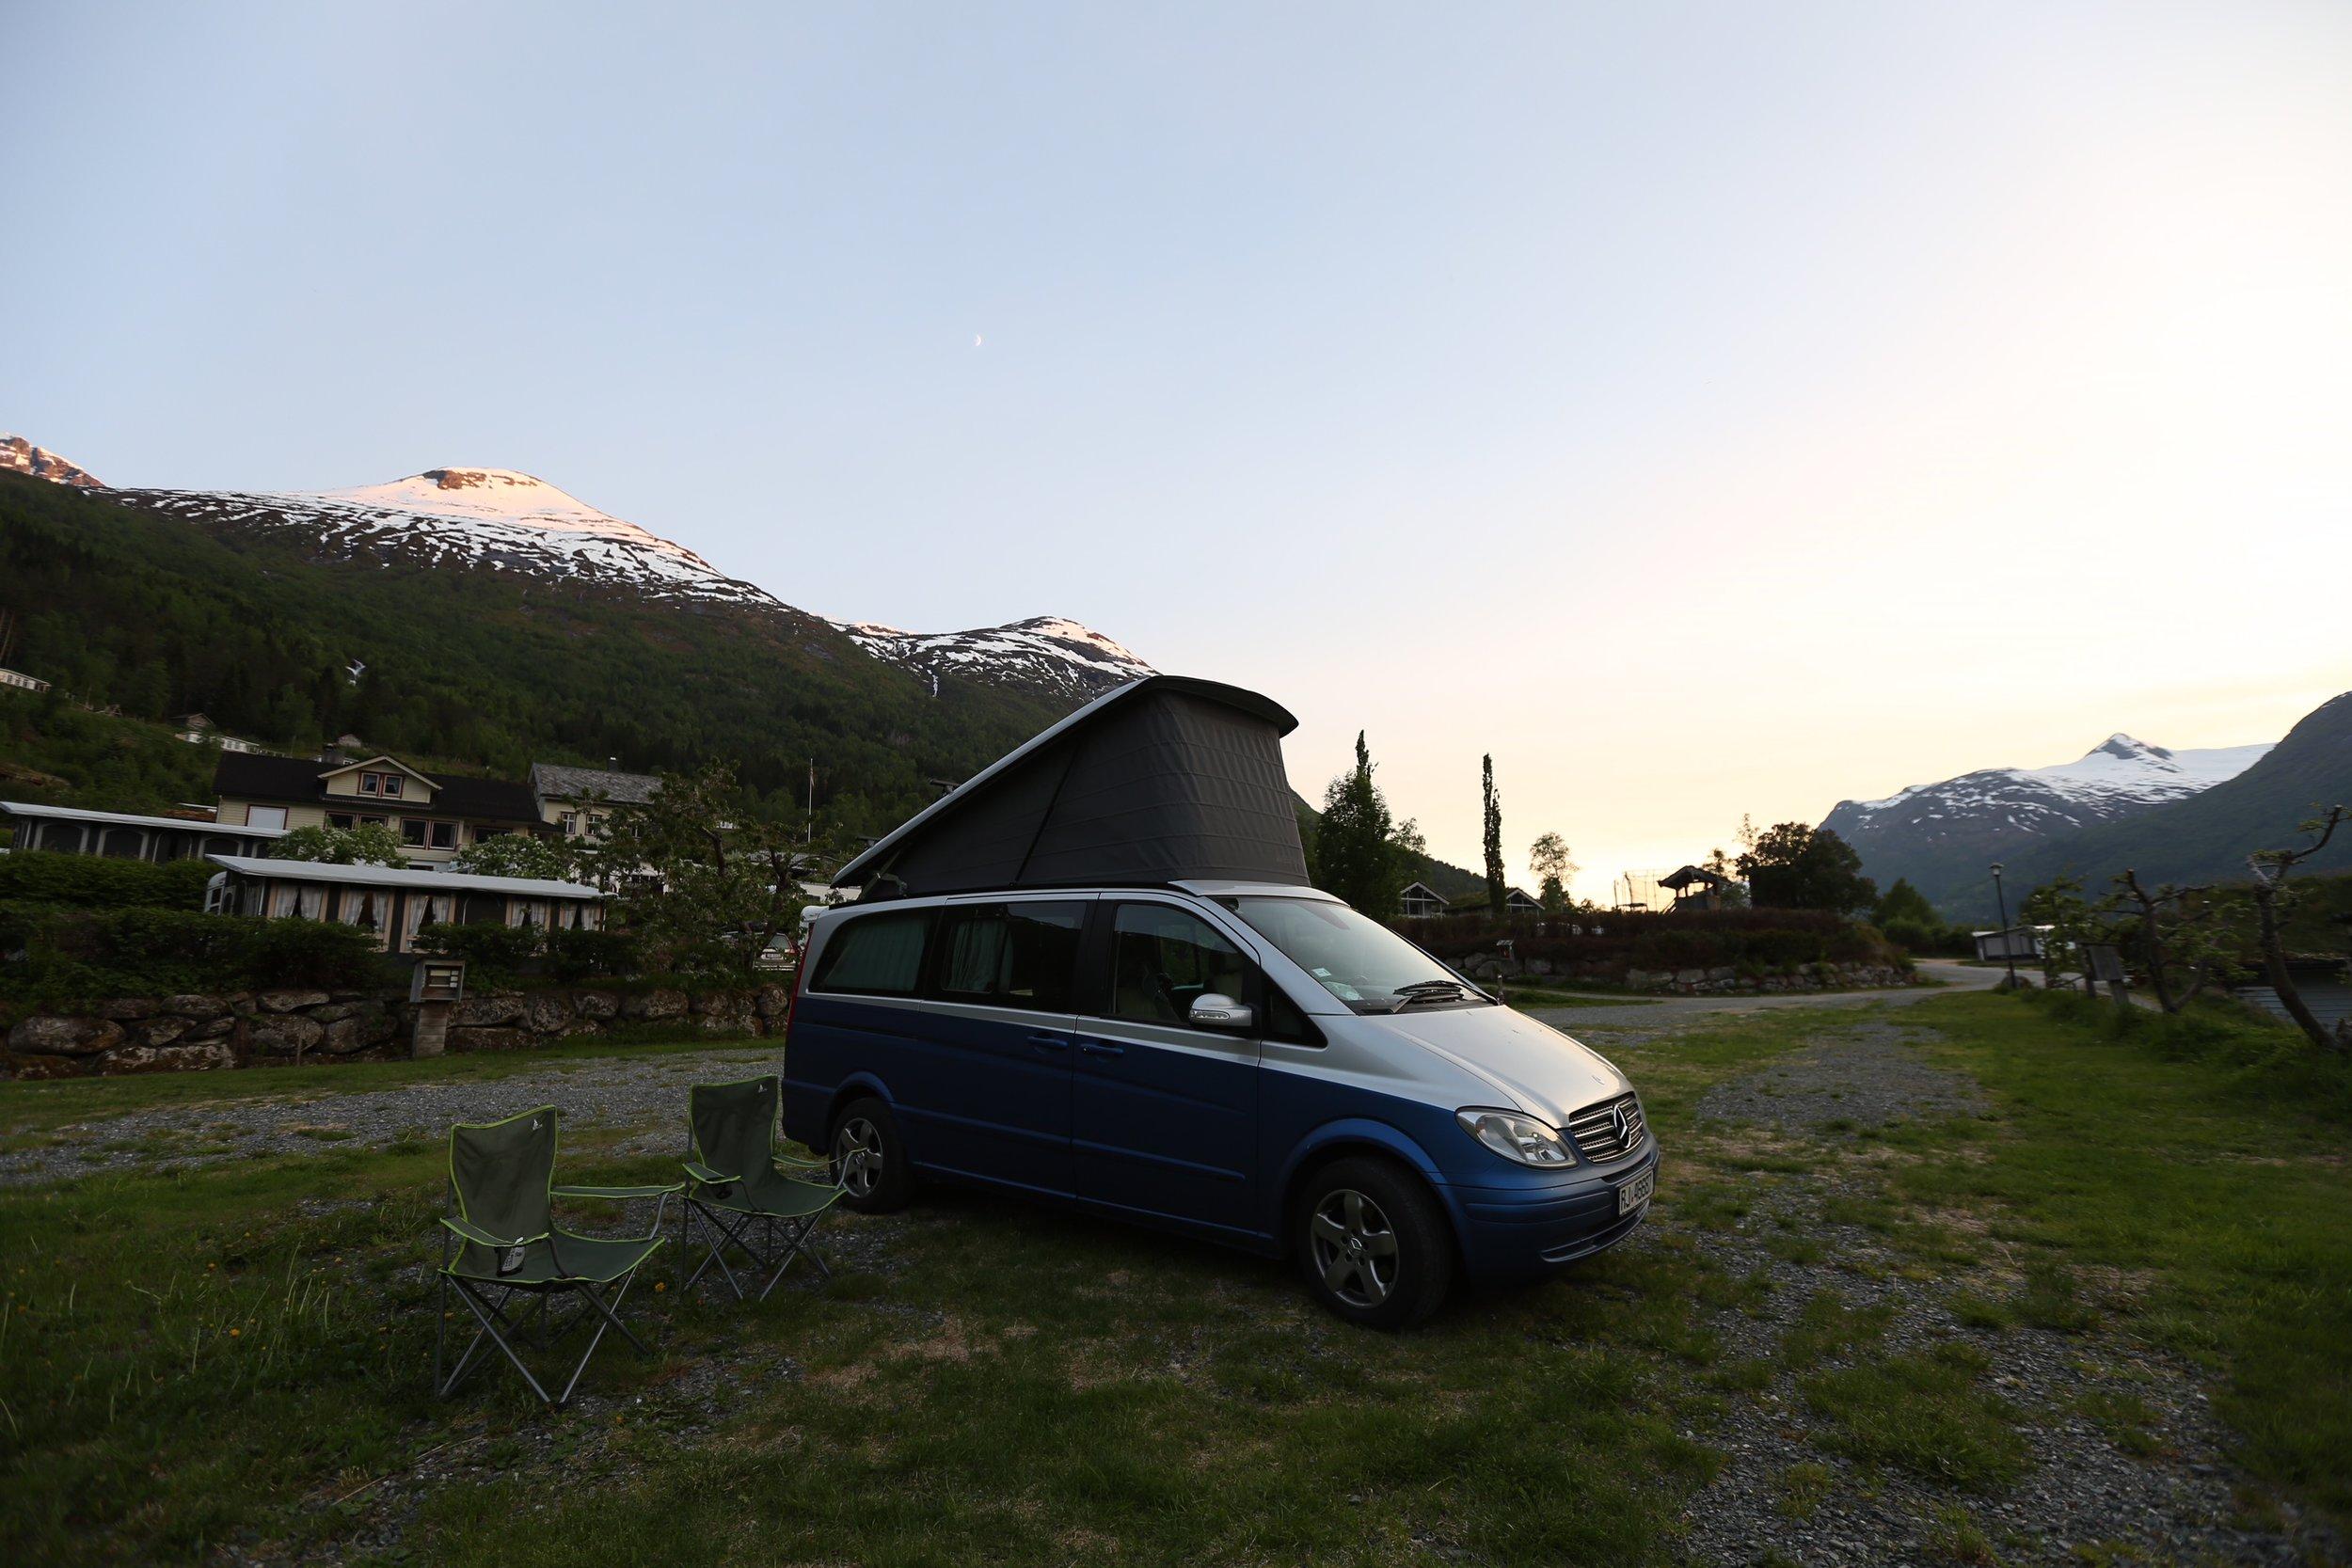 strysvatn-camping-norway.JPG